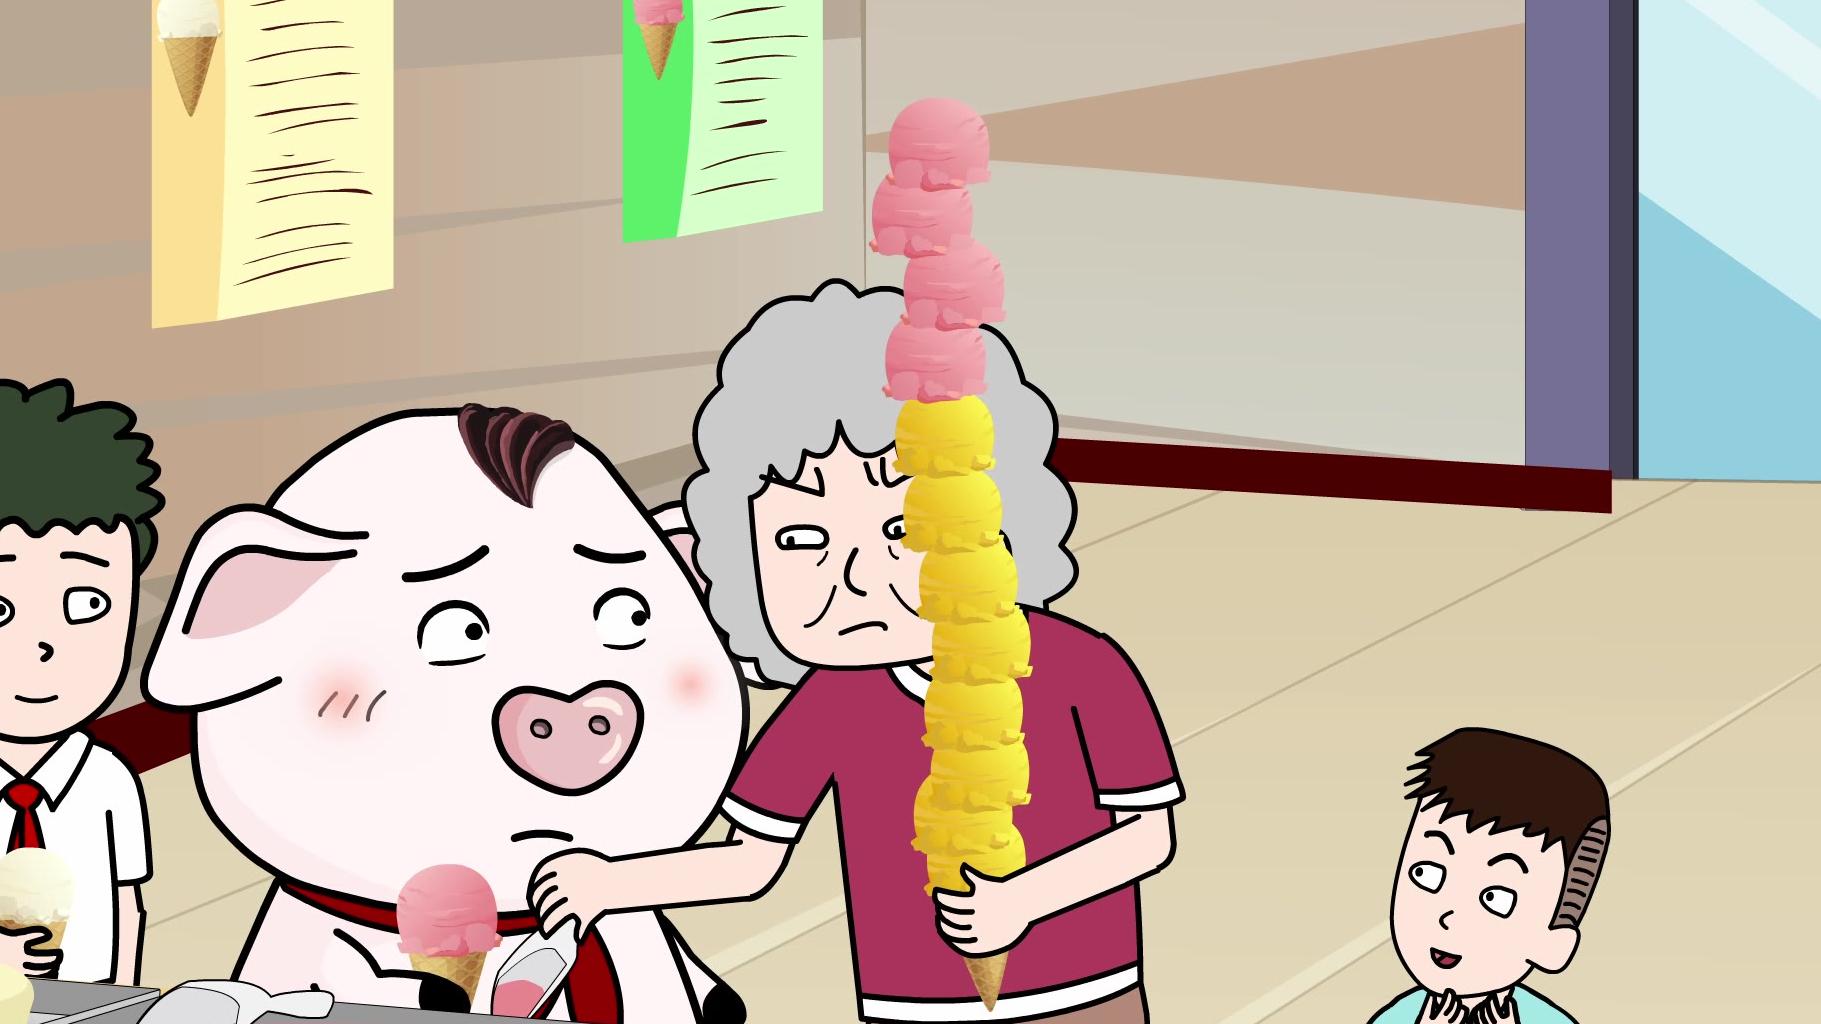 郝奶奶不听劝,非要挑战网红冰淇淋!结局惊呆屁登与众人